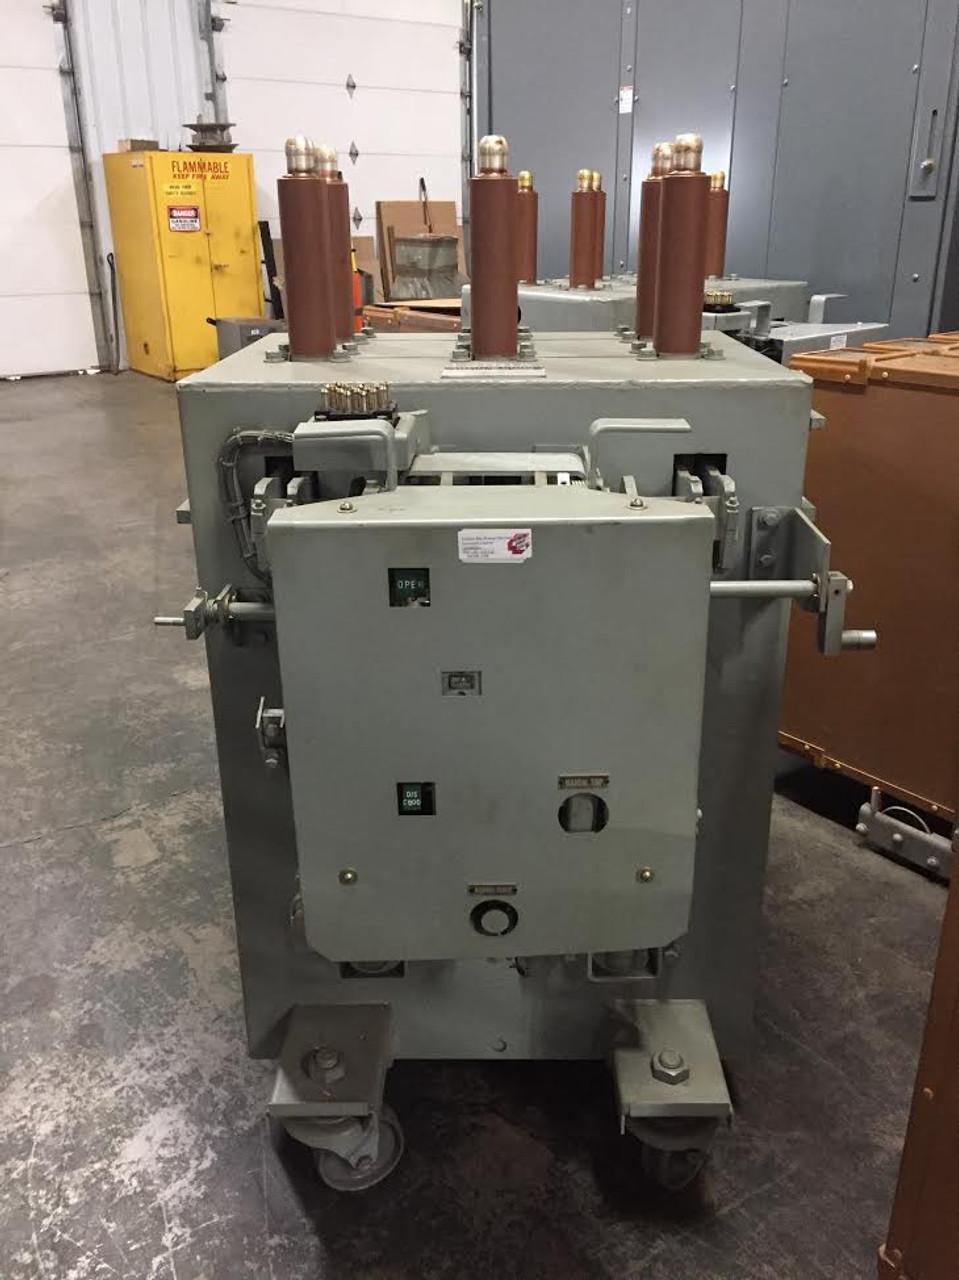 am 13 8 500 5h ge magne blast 1200a 15kv air circuit breaker  am 13 8 500 5h ge magne blast 1200a 15kv air circuit breaker bullock breakers